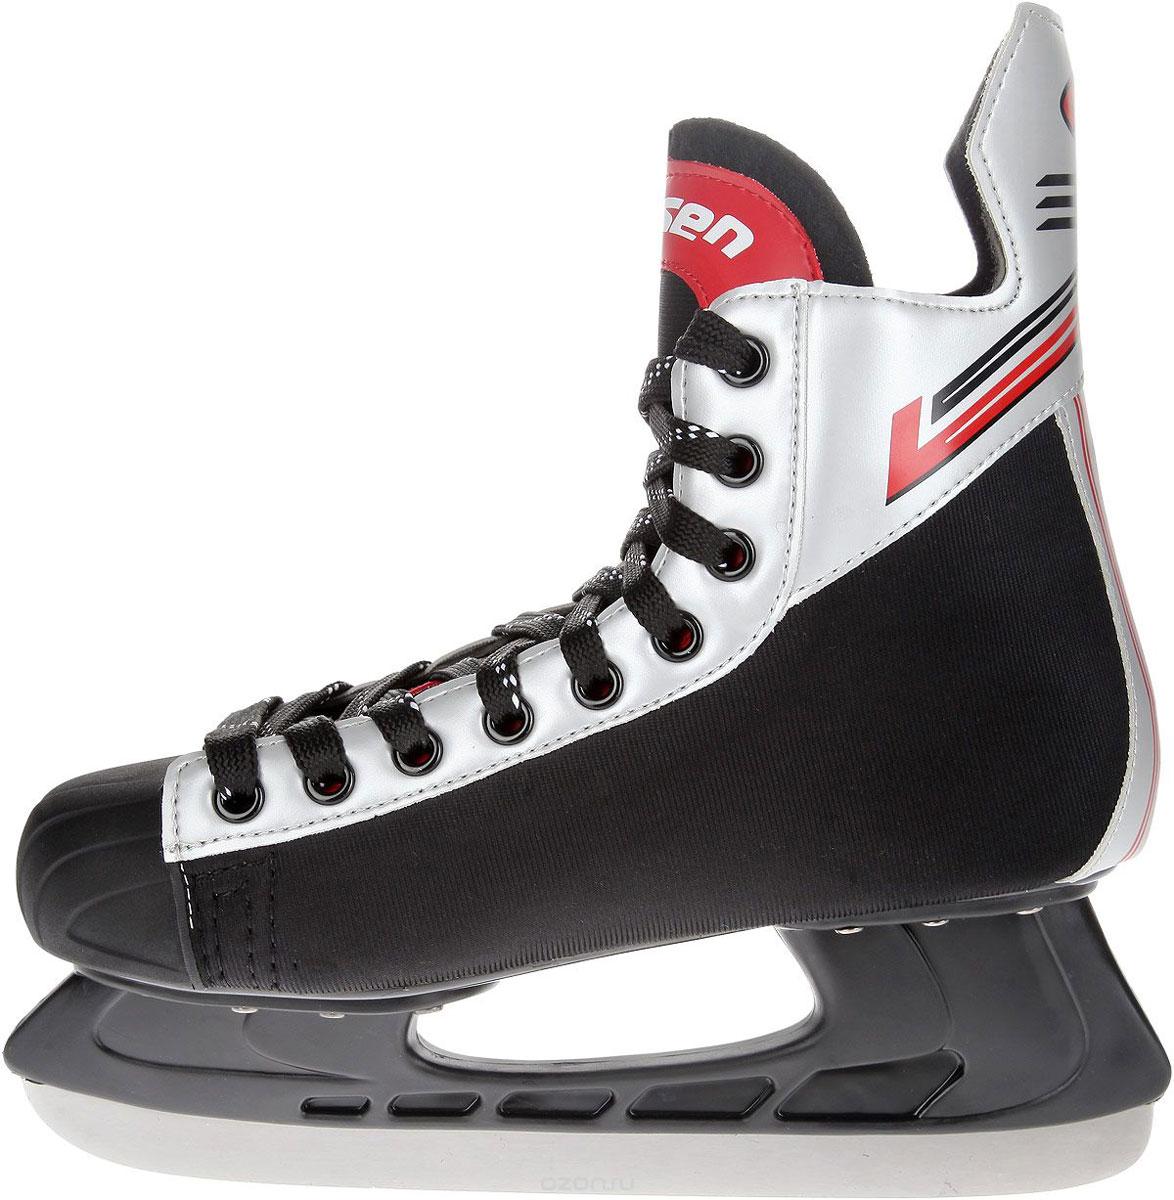 Коньки хоккейные мужские Larsen Alex, цвет: черный, серебристый, красный. Размер 39